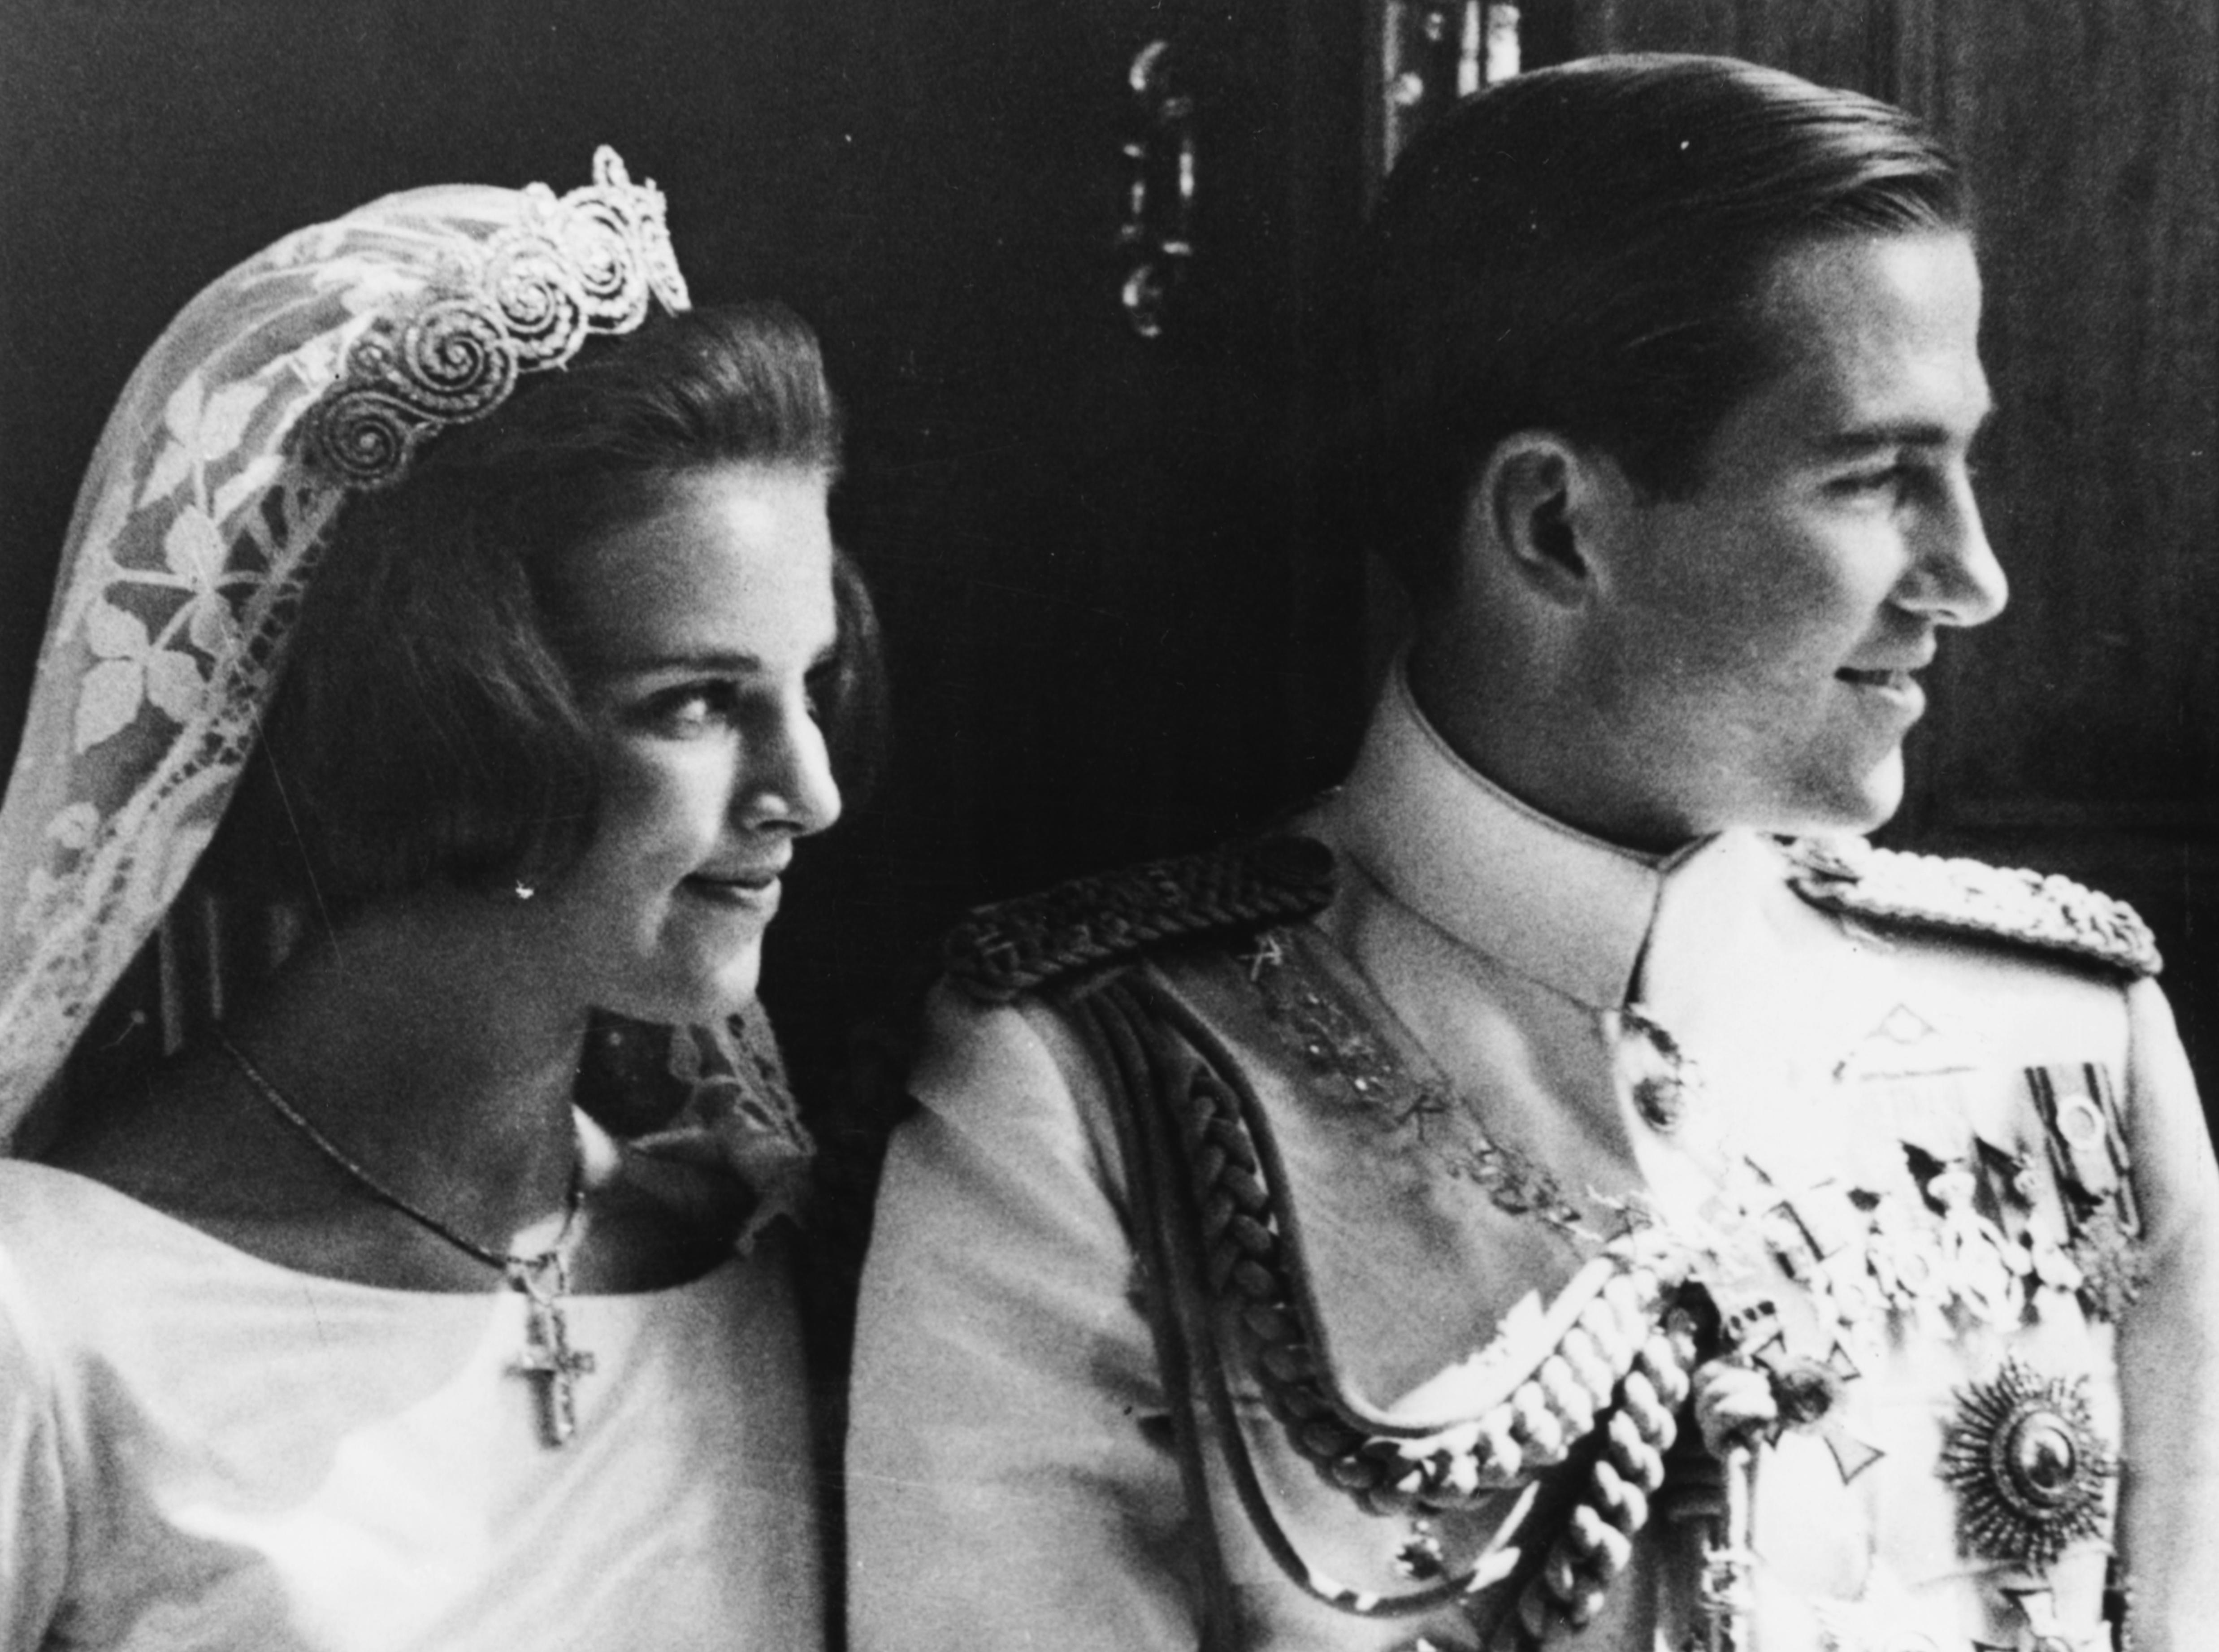 """Константинос II е крал на Гърция в периода 6 март 1964 г. – 1973 г. Той се жени заАнна-Мария Датска.През 1959 г. се запознава с гръцкия принц и свой далечен братовчед Константинос, който придружава родителите си - крал Павлос и кралица Фредерика, на официално държавно посещение в Дания. През 1961 г. Павлос обявява намерението си да се сгоди за Анне-Марие. Двамата се женят на18 септември<a href=""""https://bg.wikipedia.org/wiki/1964"""" title=""""1964"""">1964г. В Гърция Ане-Марие става по-известна с името Анна-Мария.</a>"""